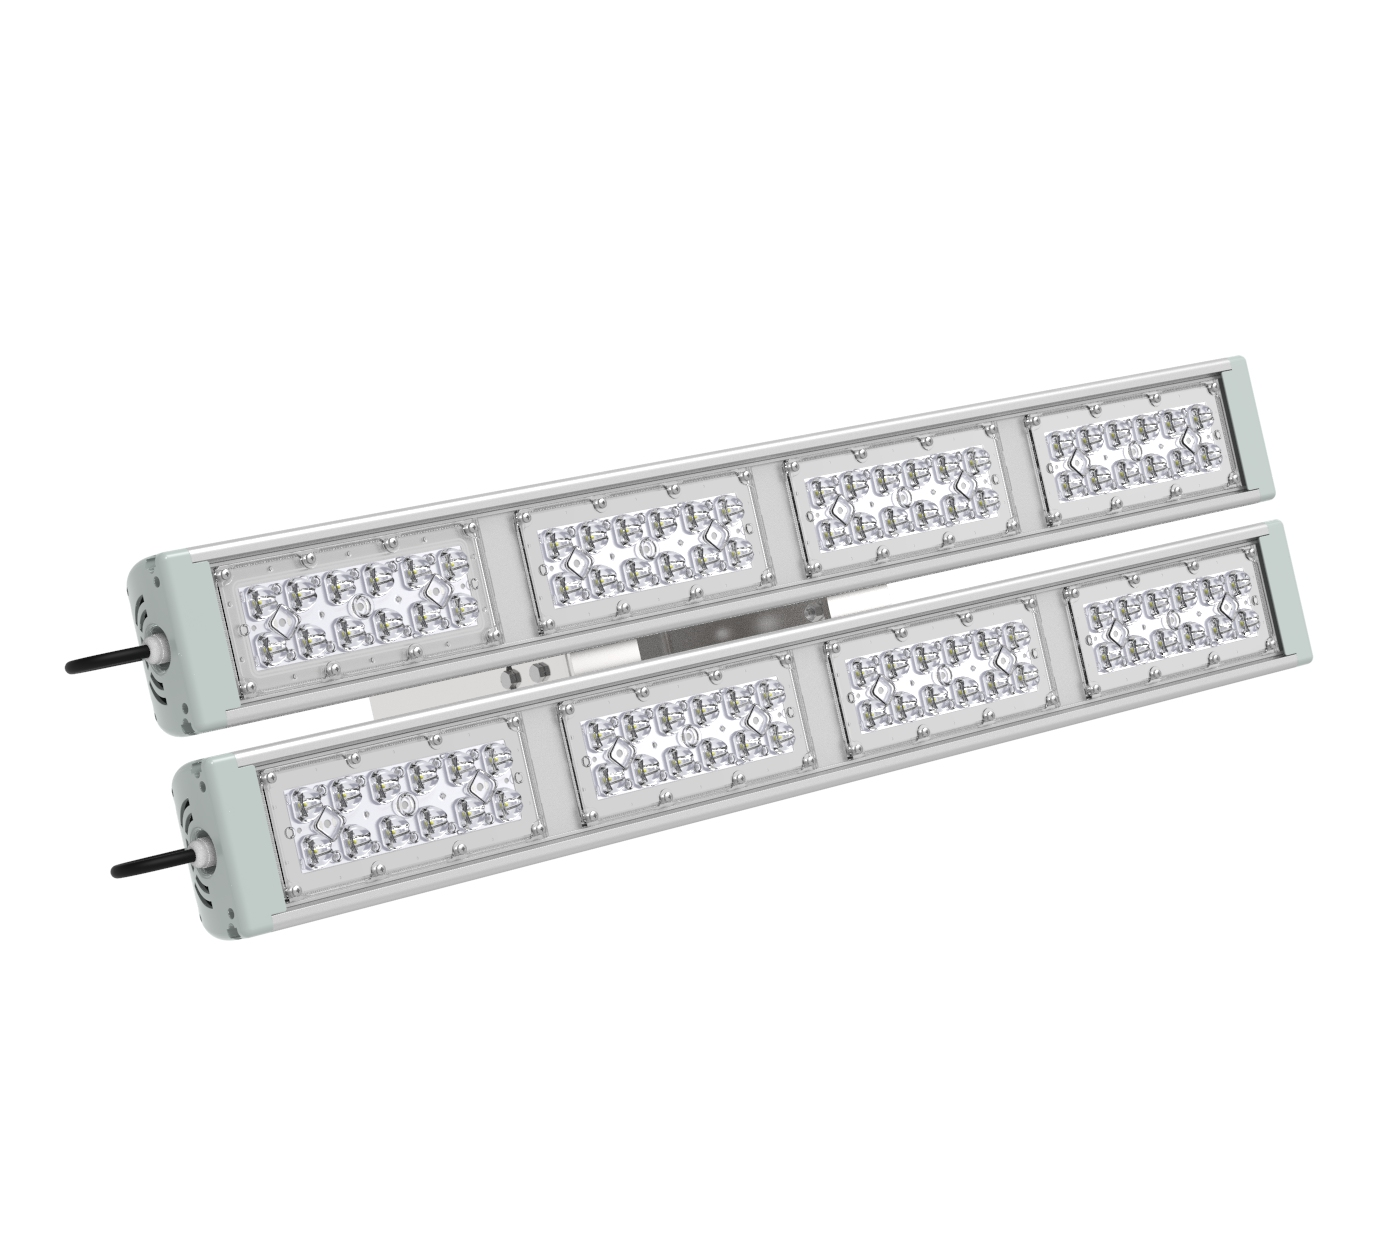 Промышленный светильник Модуль PRO SVT-STR-MPRO-102Вт-45x140-DUO